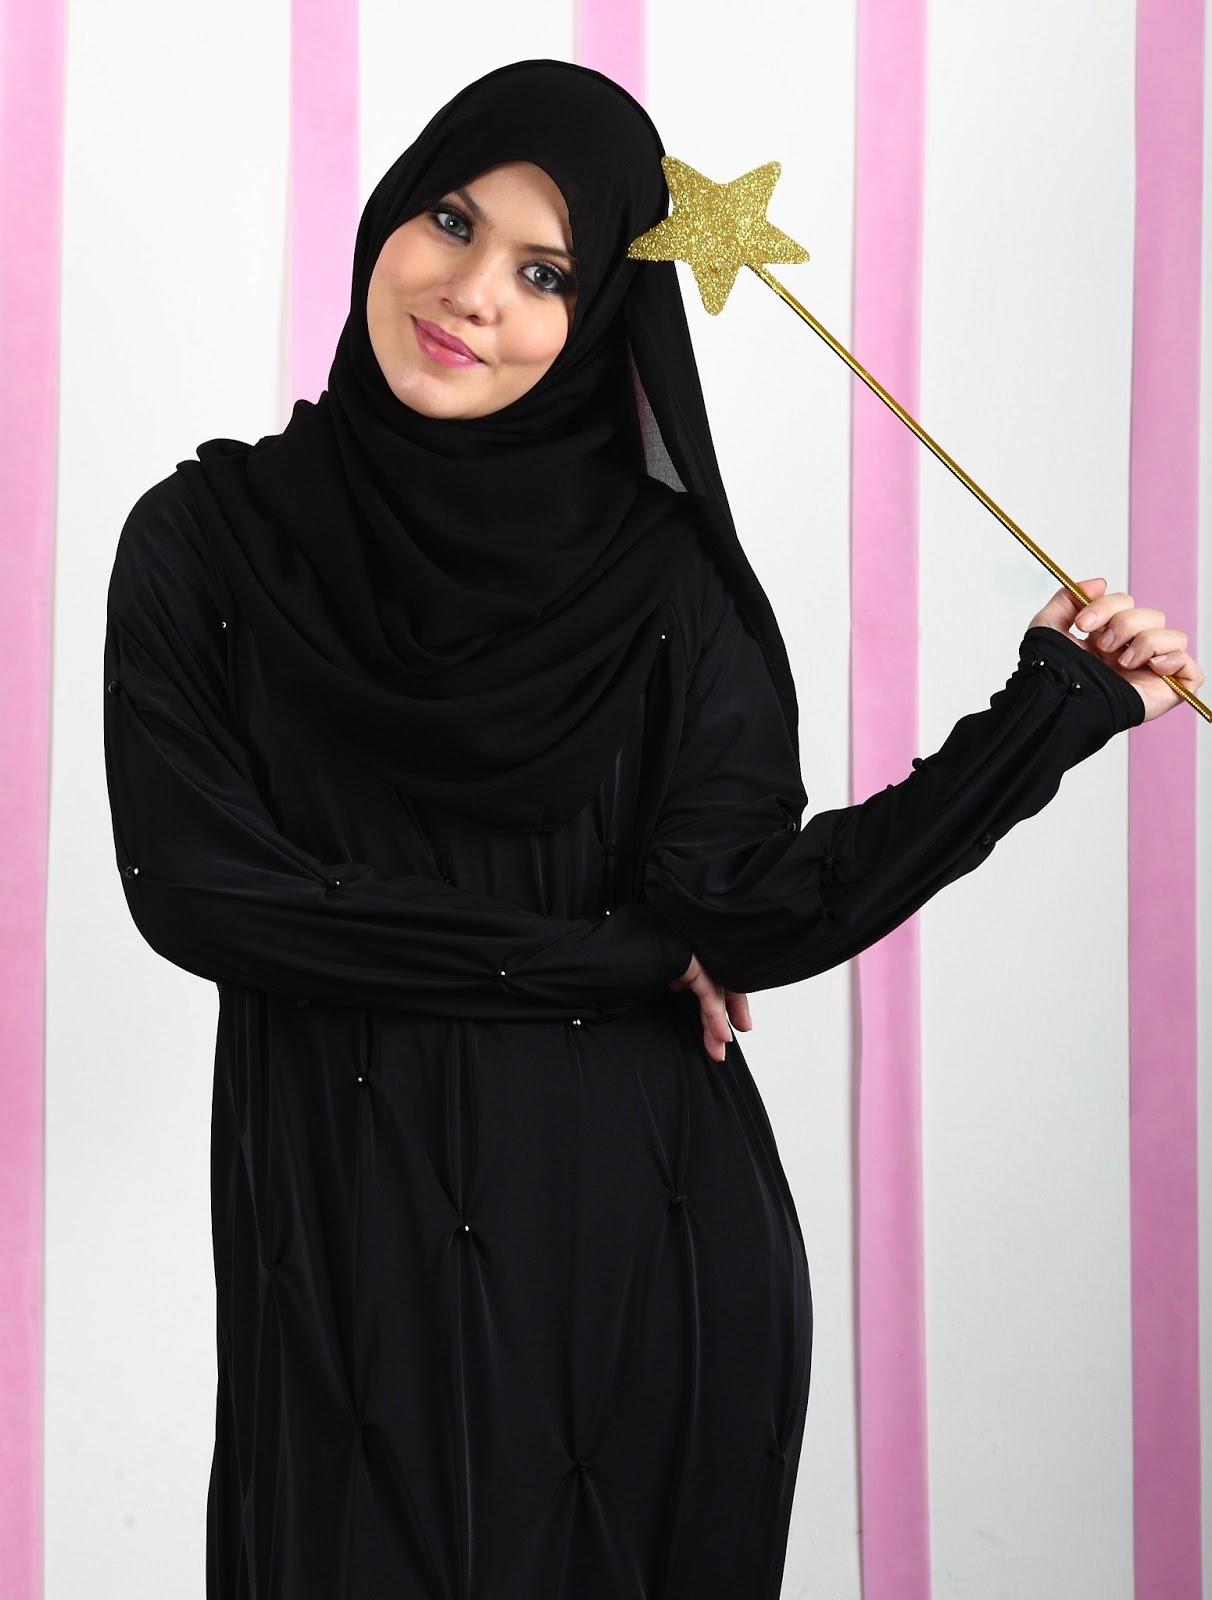 صور ملابس سوداء للمحجبات , شاهد شياكة اللبس الاسود للبنت المحجبة